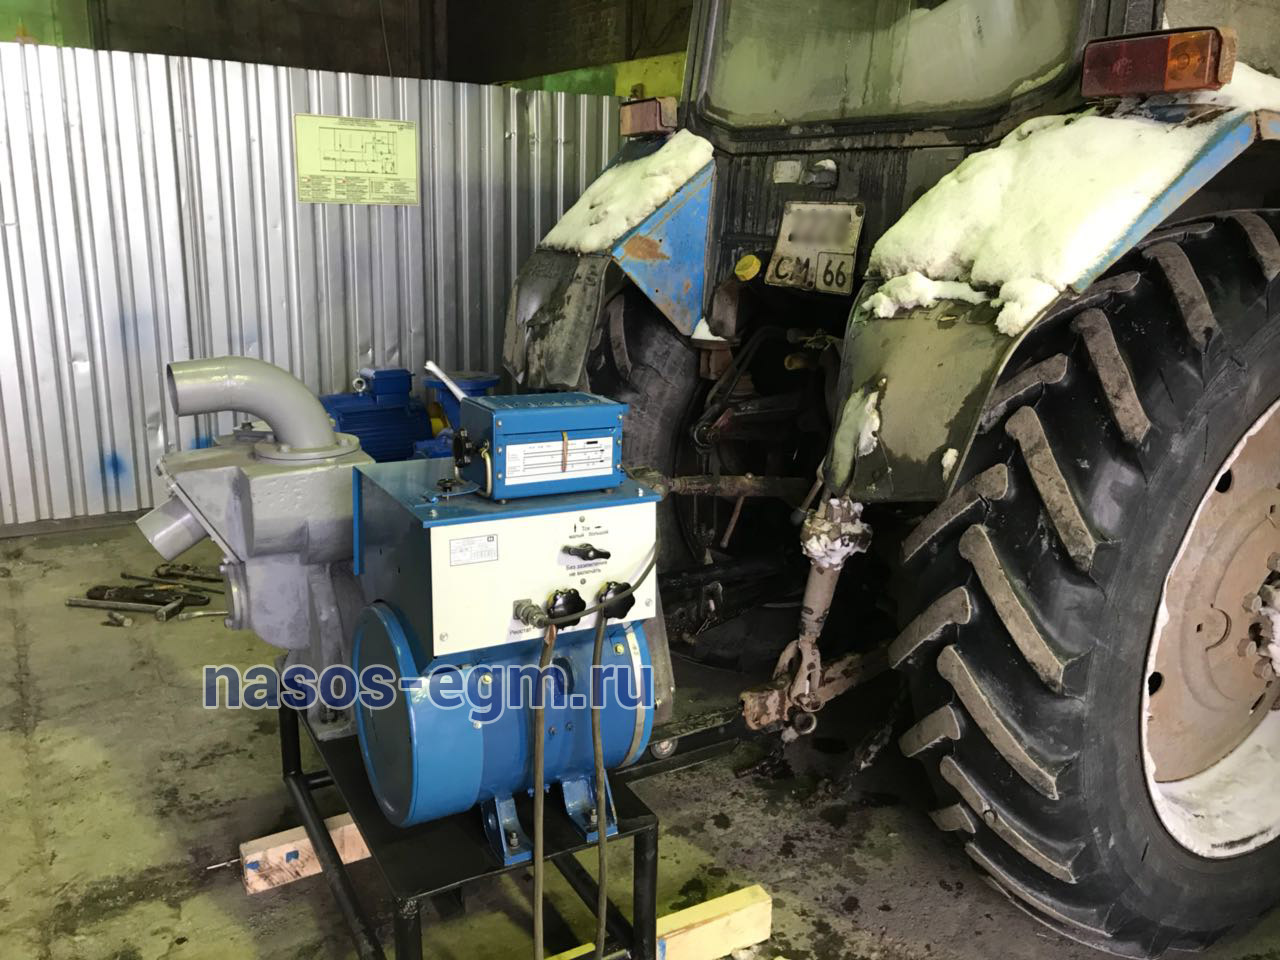 Навесная установка для МТЗ со сварочным генератором